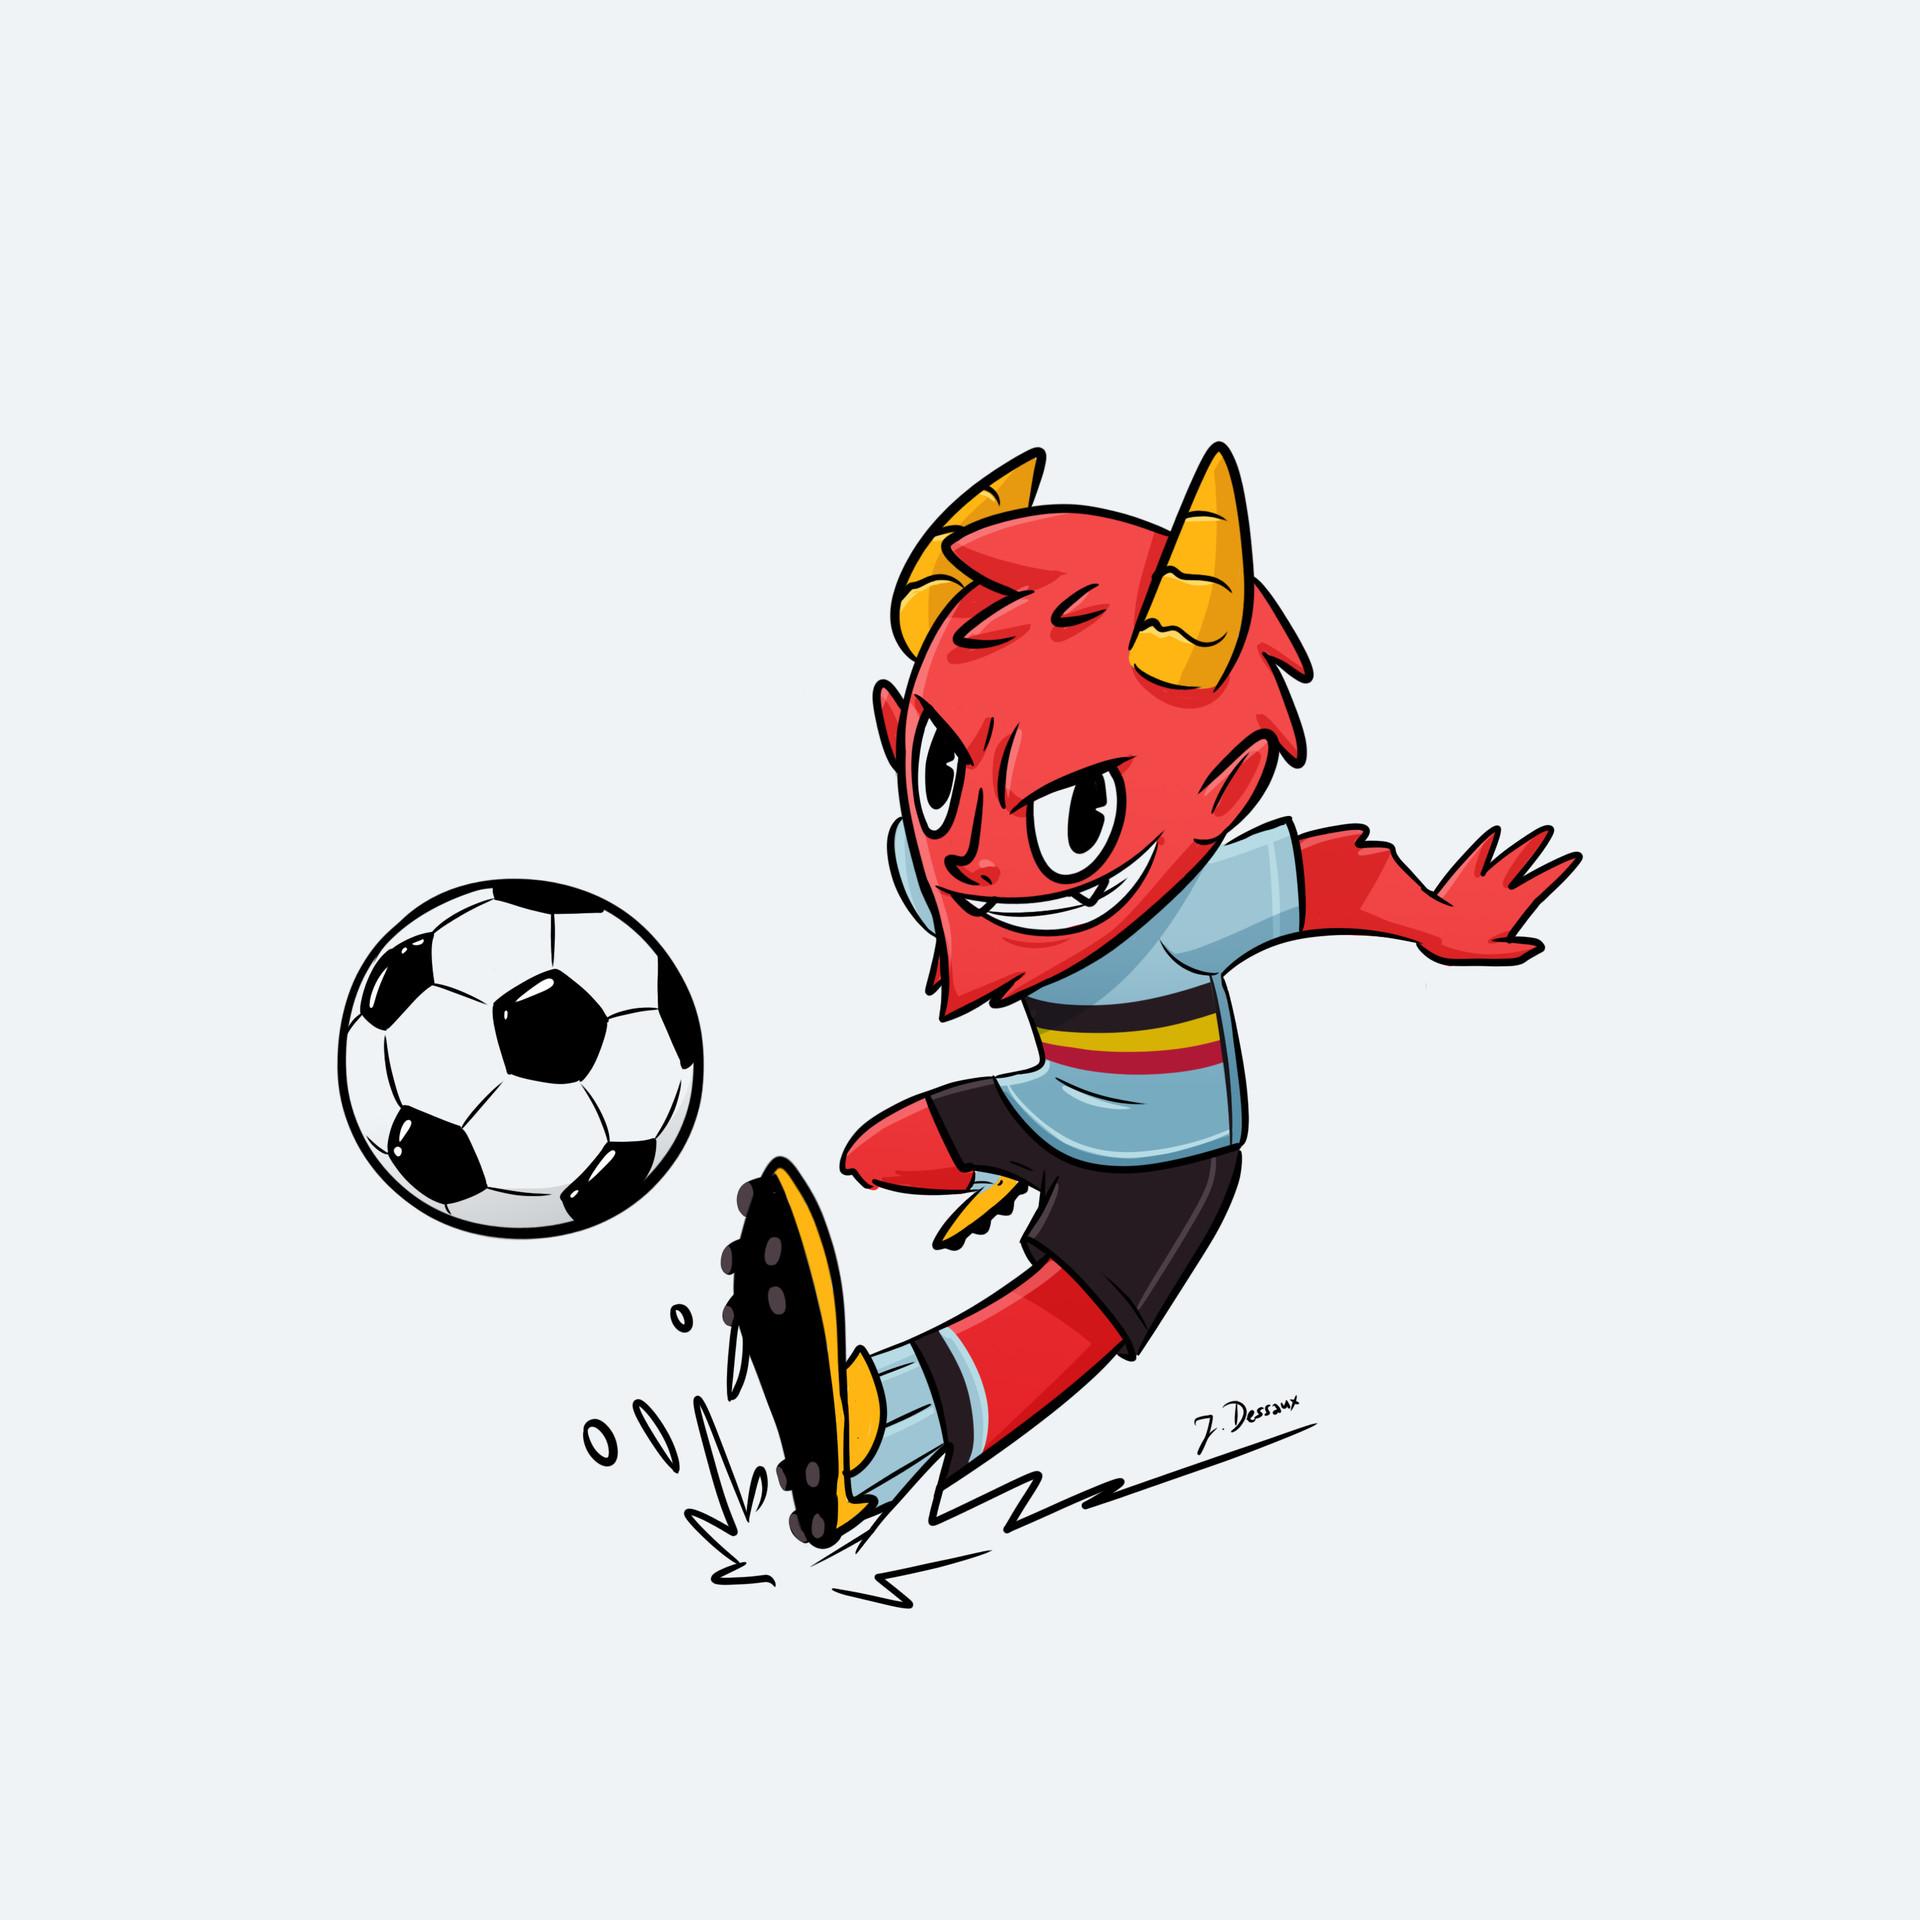 Jeroen Dessaux Red Devils Mascot Contest Entry